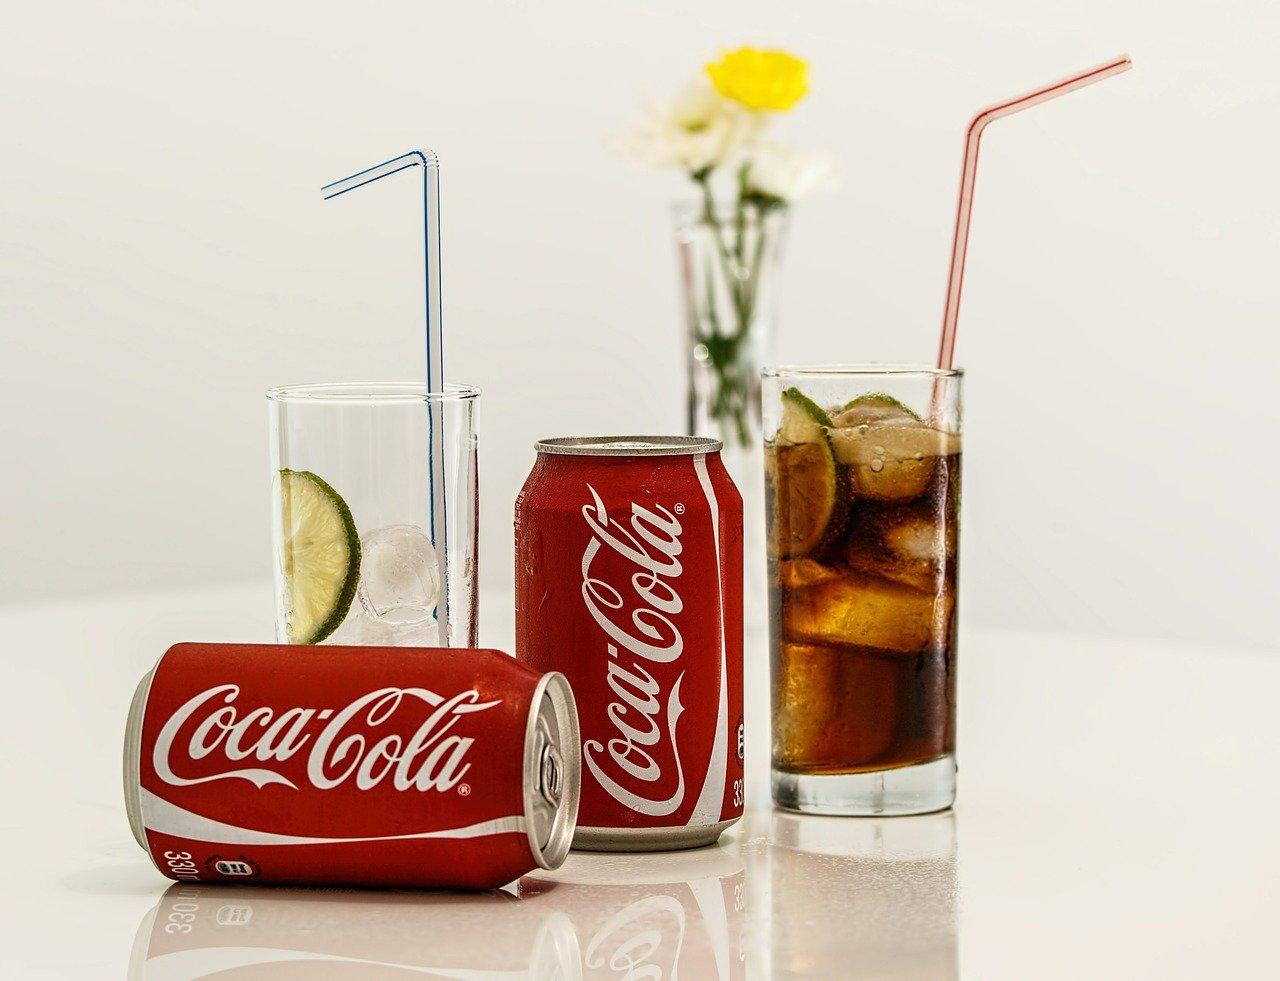 Coca-Cola se diversifie et sort une eau pétillante alcoolisée pour 2021 1000